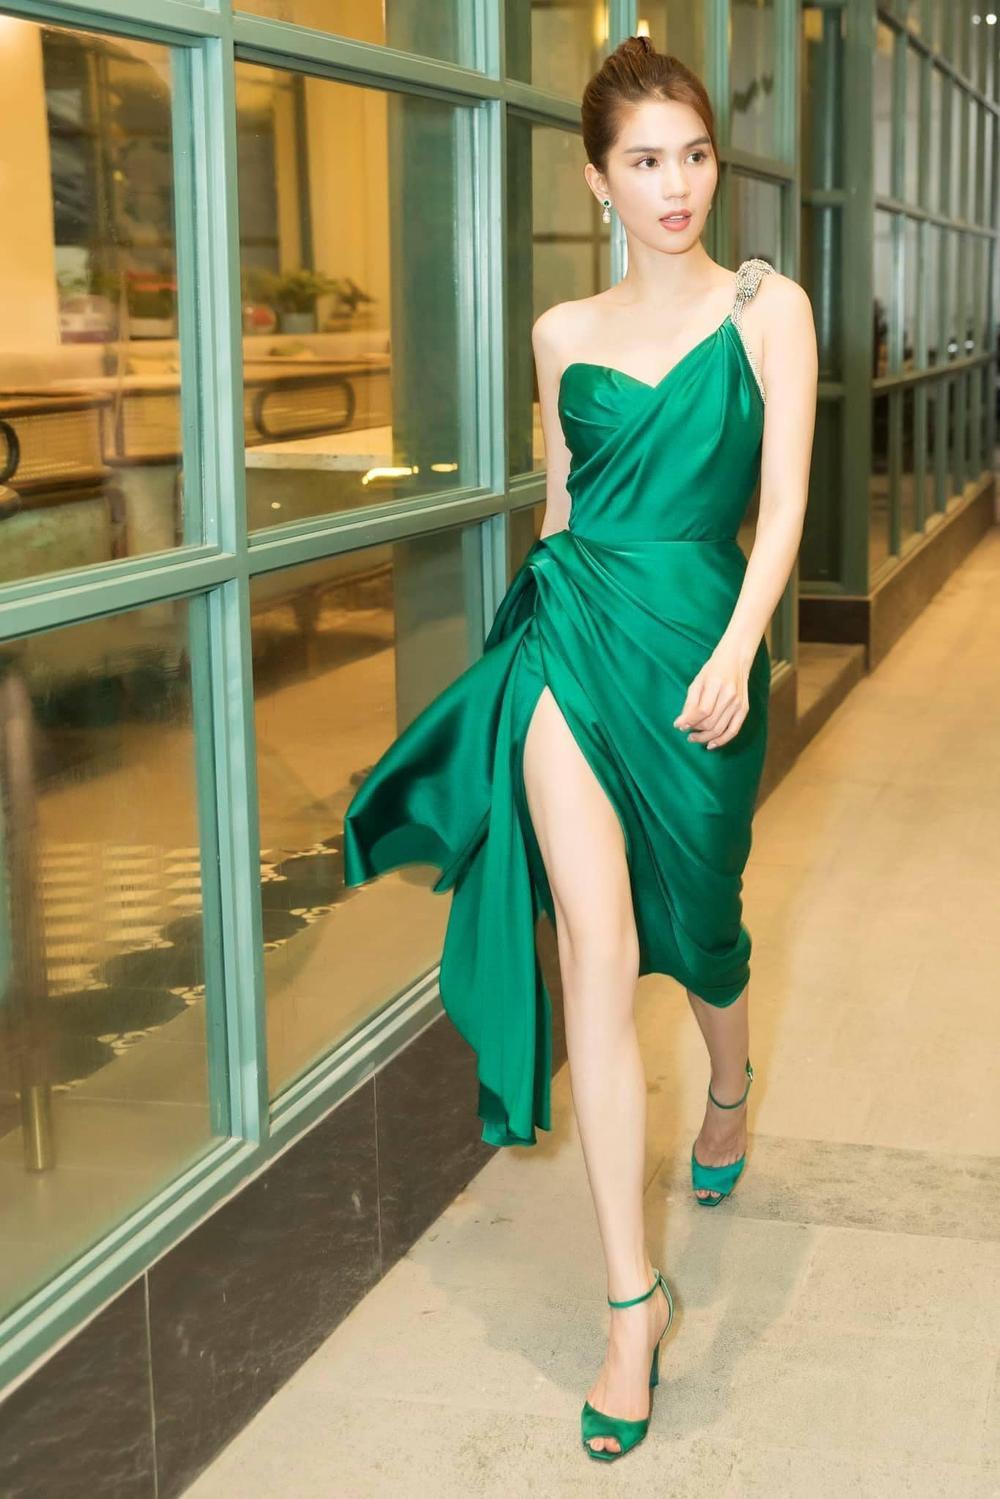 Vượt dàn Hoa hậu, Ngọc Trinh chỉ hở nhẹ cũng điềm nhiên dẫn đầu bảng xếp hạng sao đẹp Ảnh 1